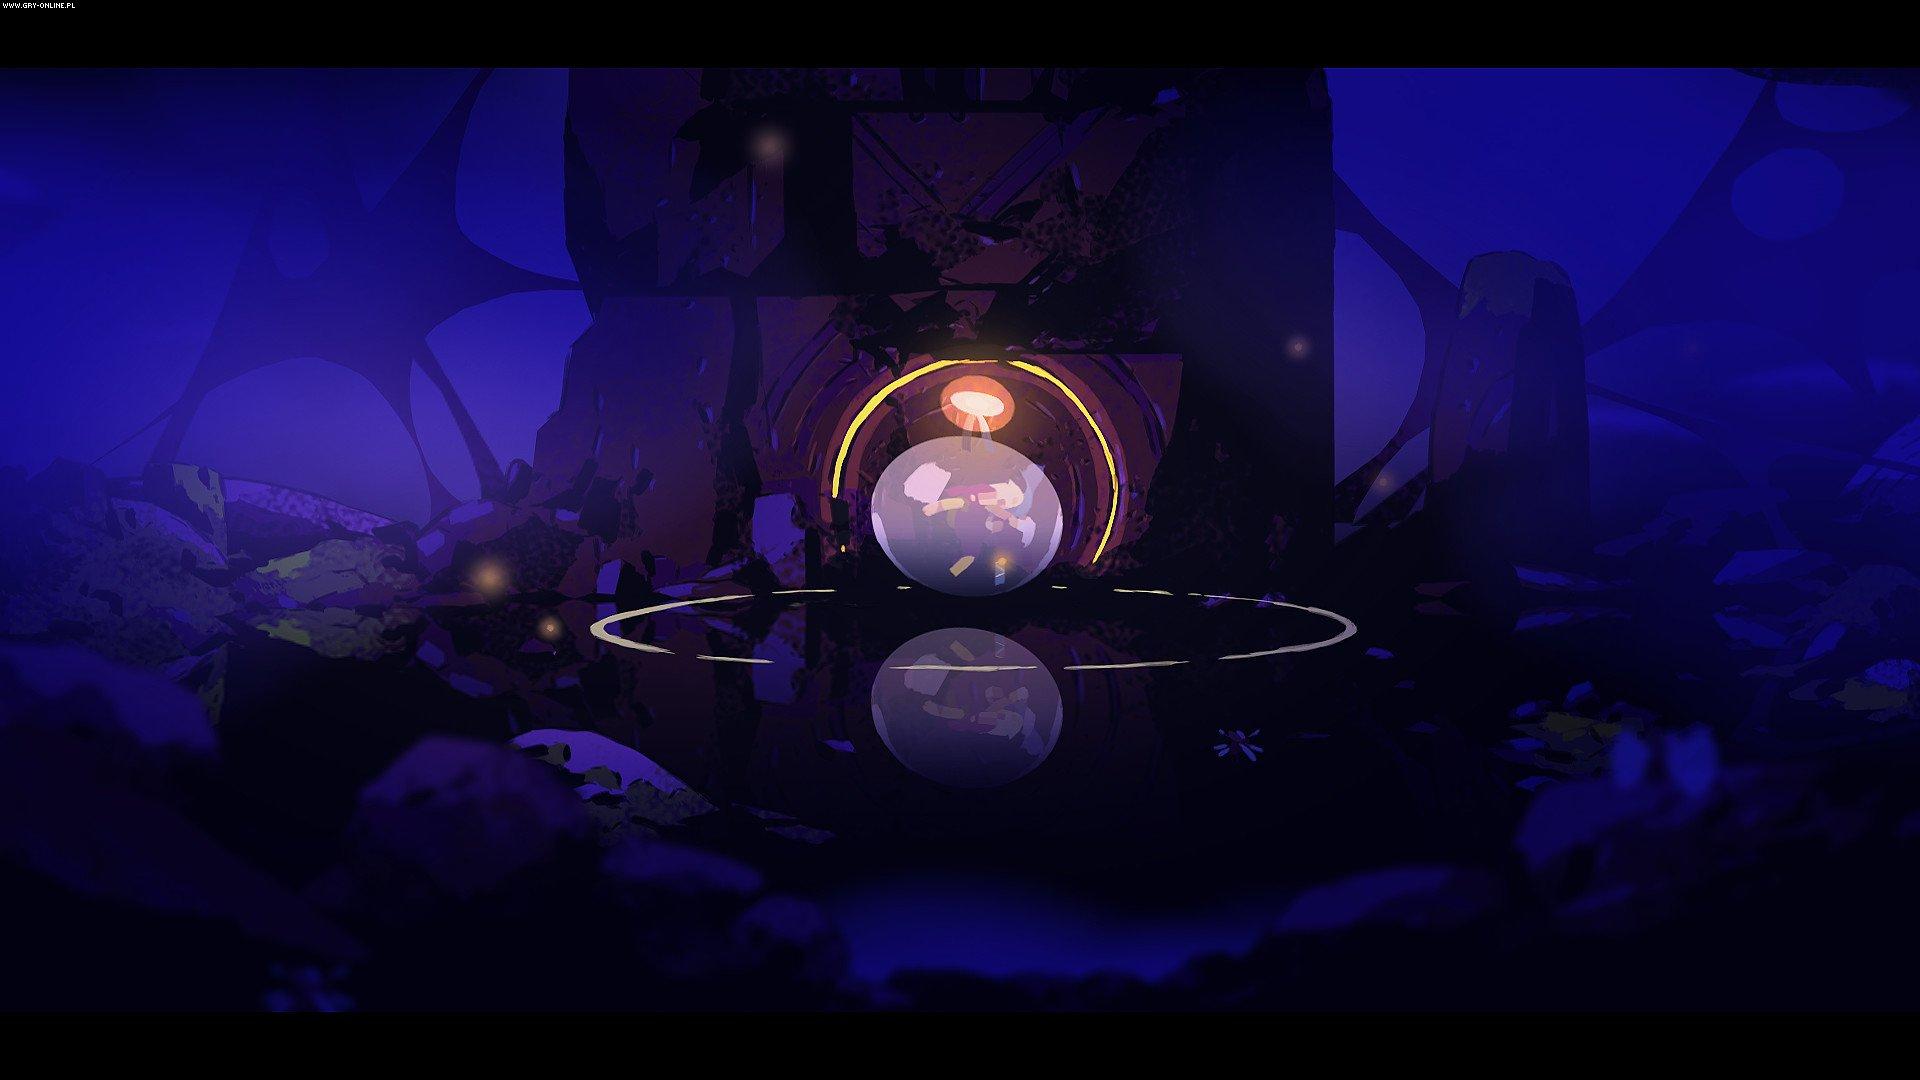 Voyage PC gameplay,